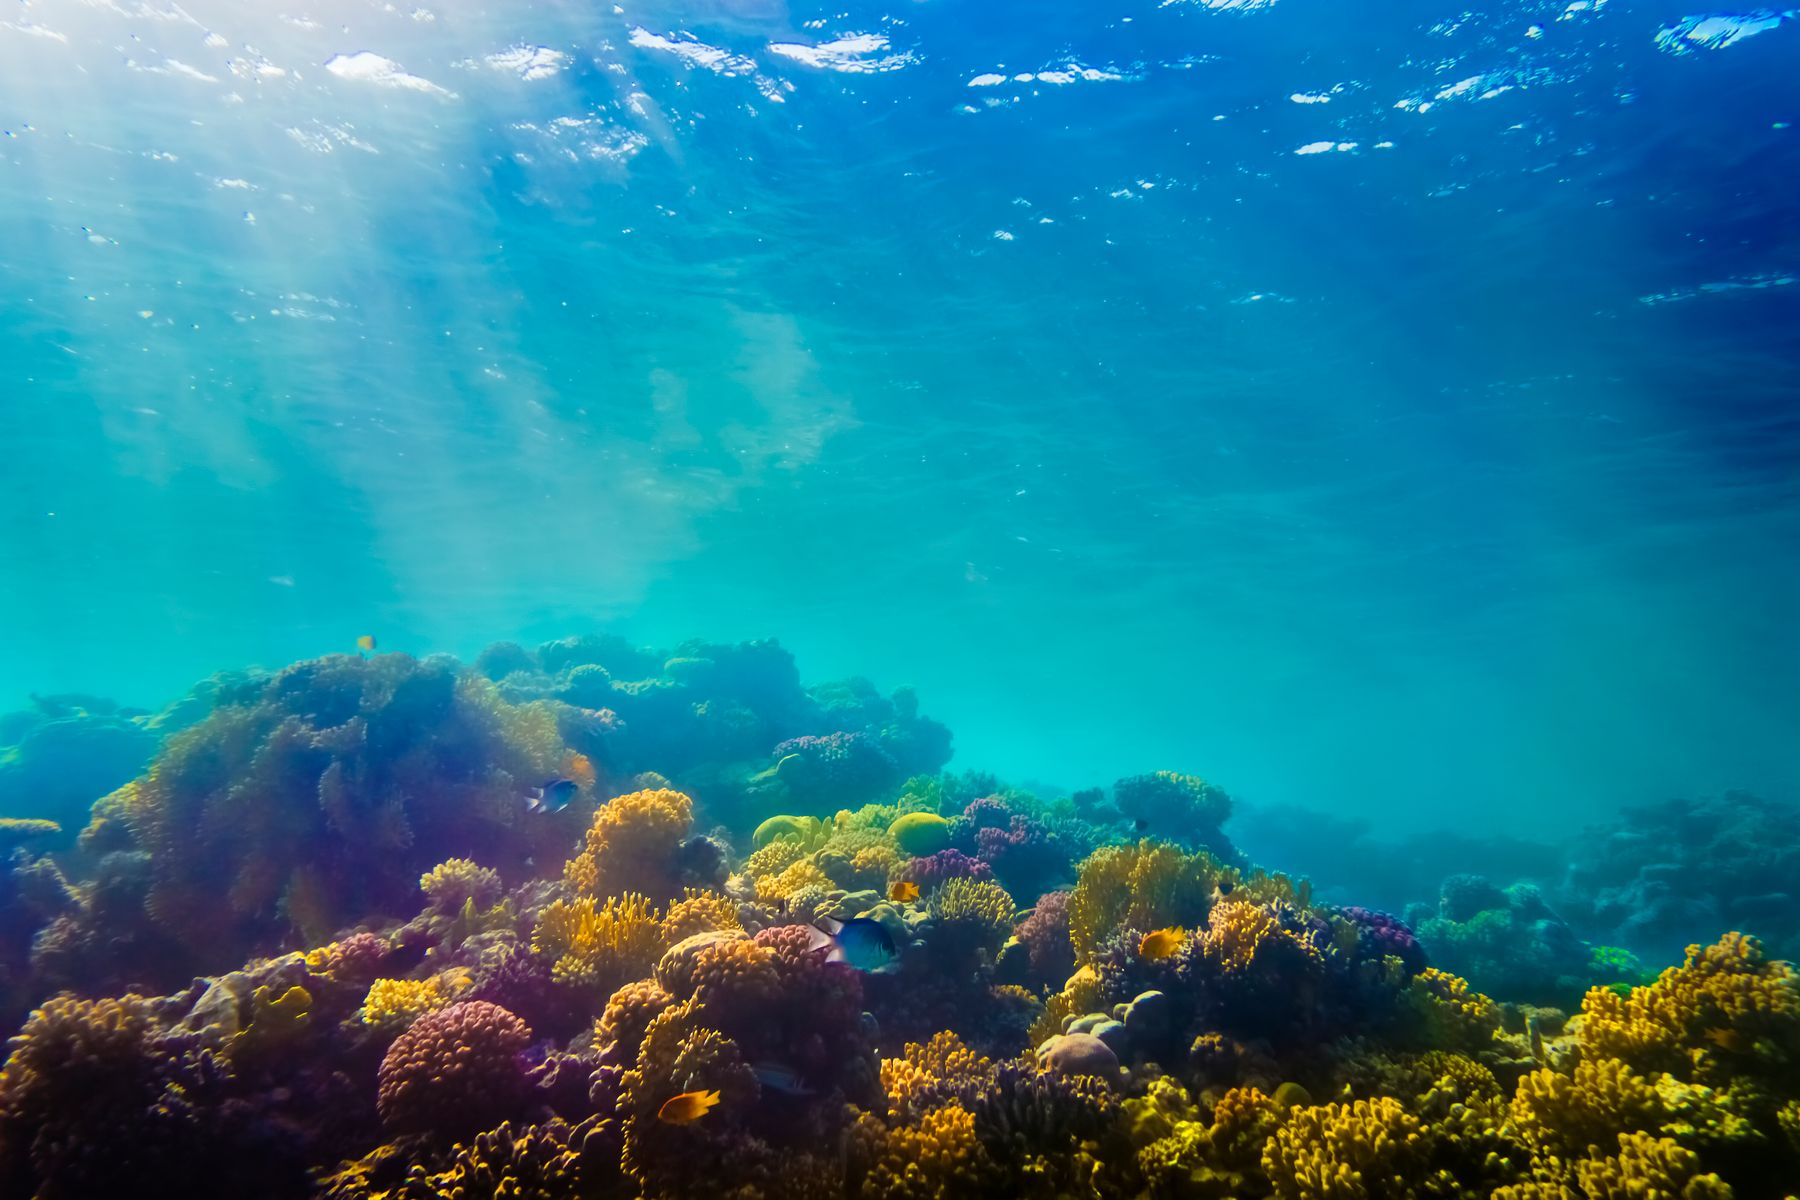 Najlepsze miejsca do nurkowania: Morze Czerwone, Egipt